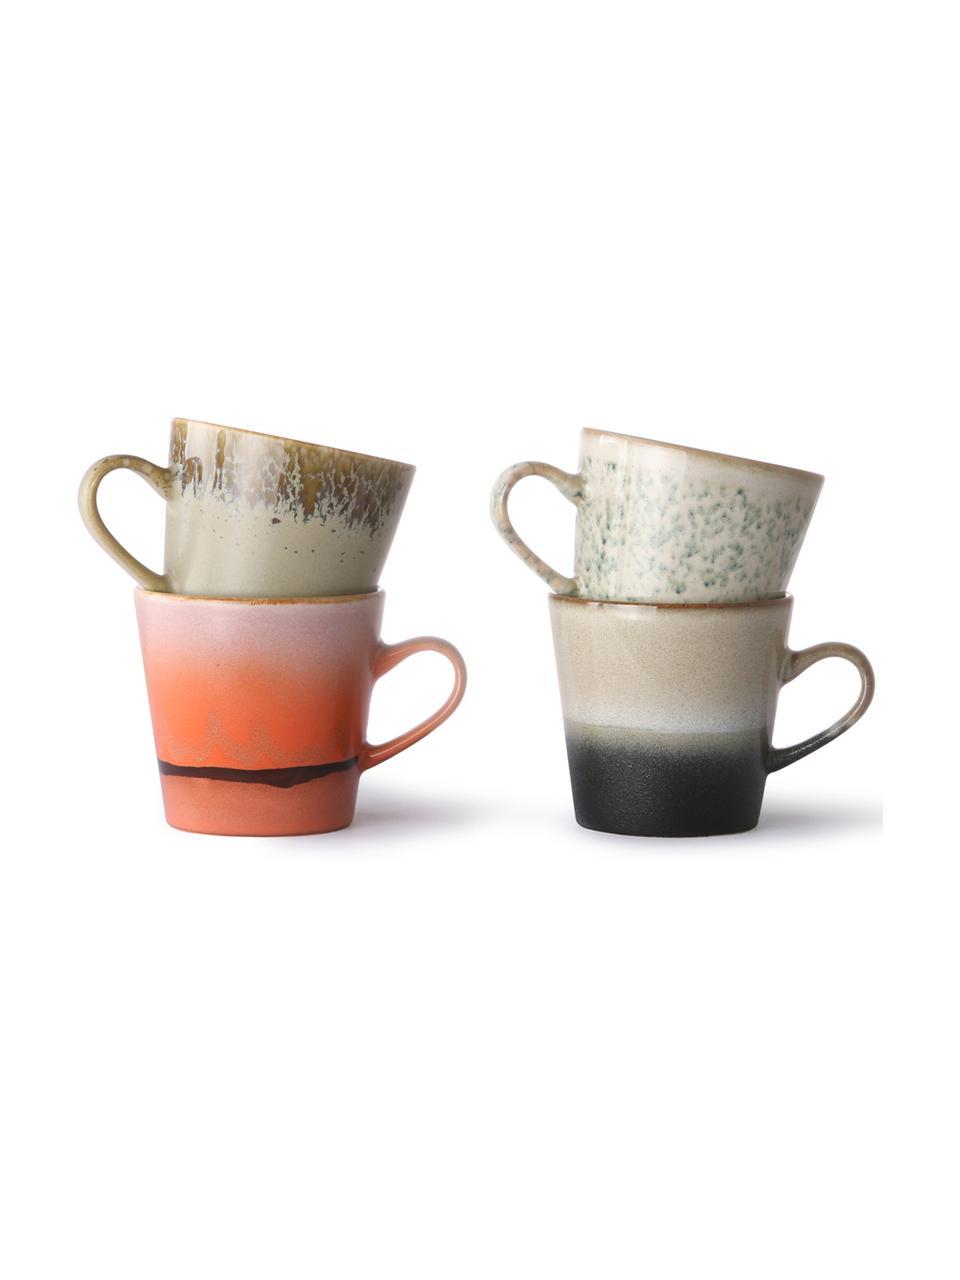 Handgemachte XS Tassen 70's im Retro Style, 4er-Set, Steingut, Mehrfarbig, Ø 9 x H 8 cm